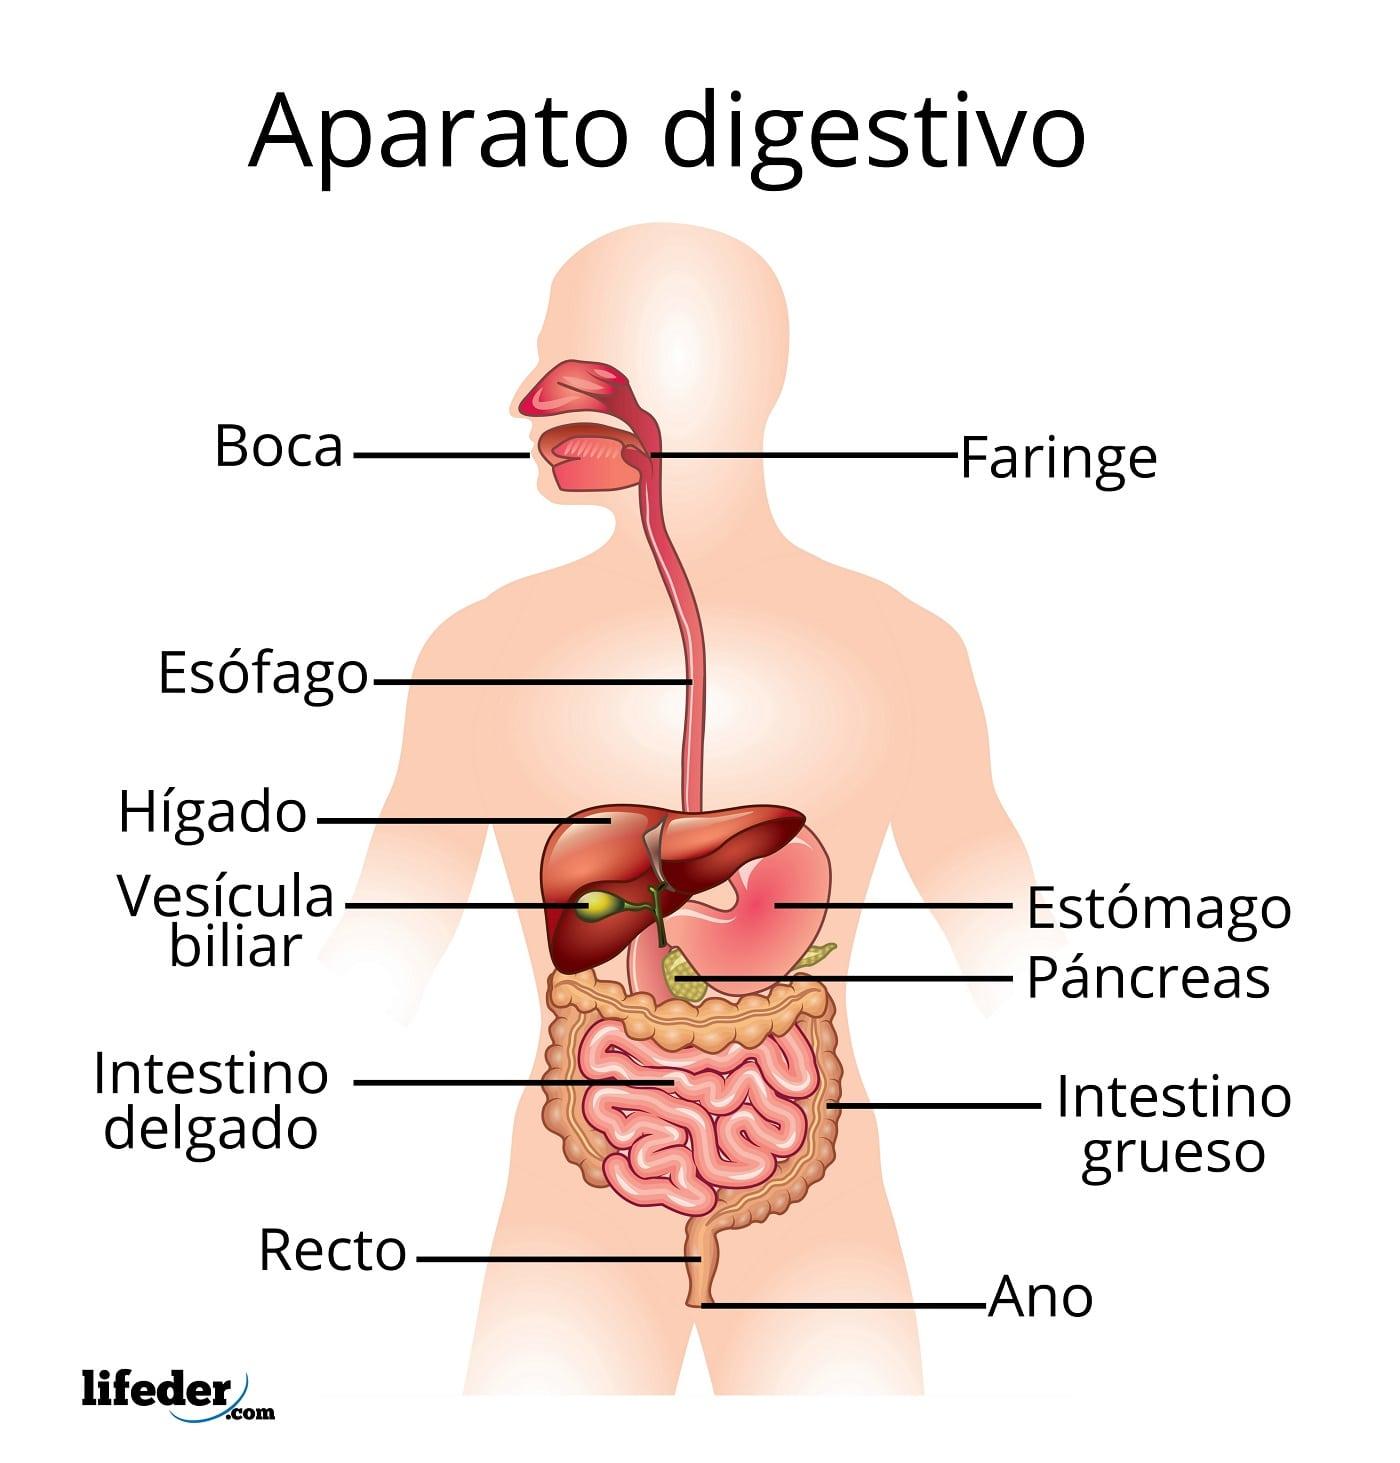 Aparato Digestivo Funciones Partes Enfermedades